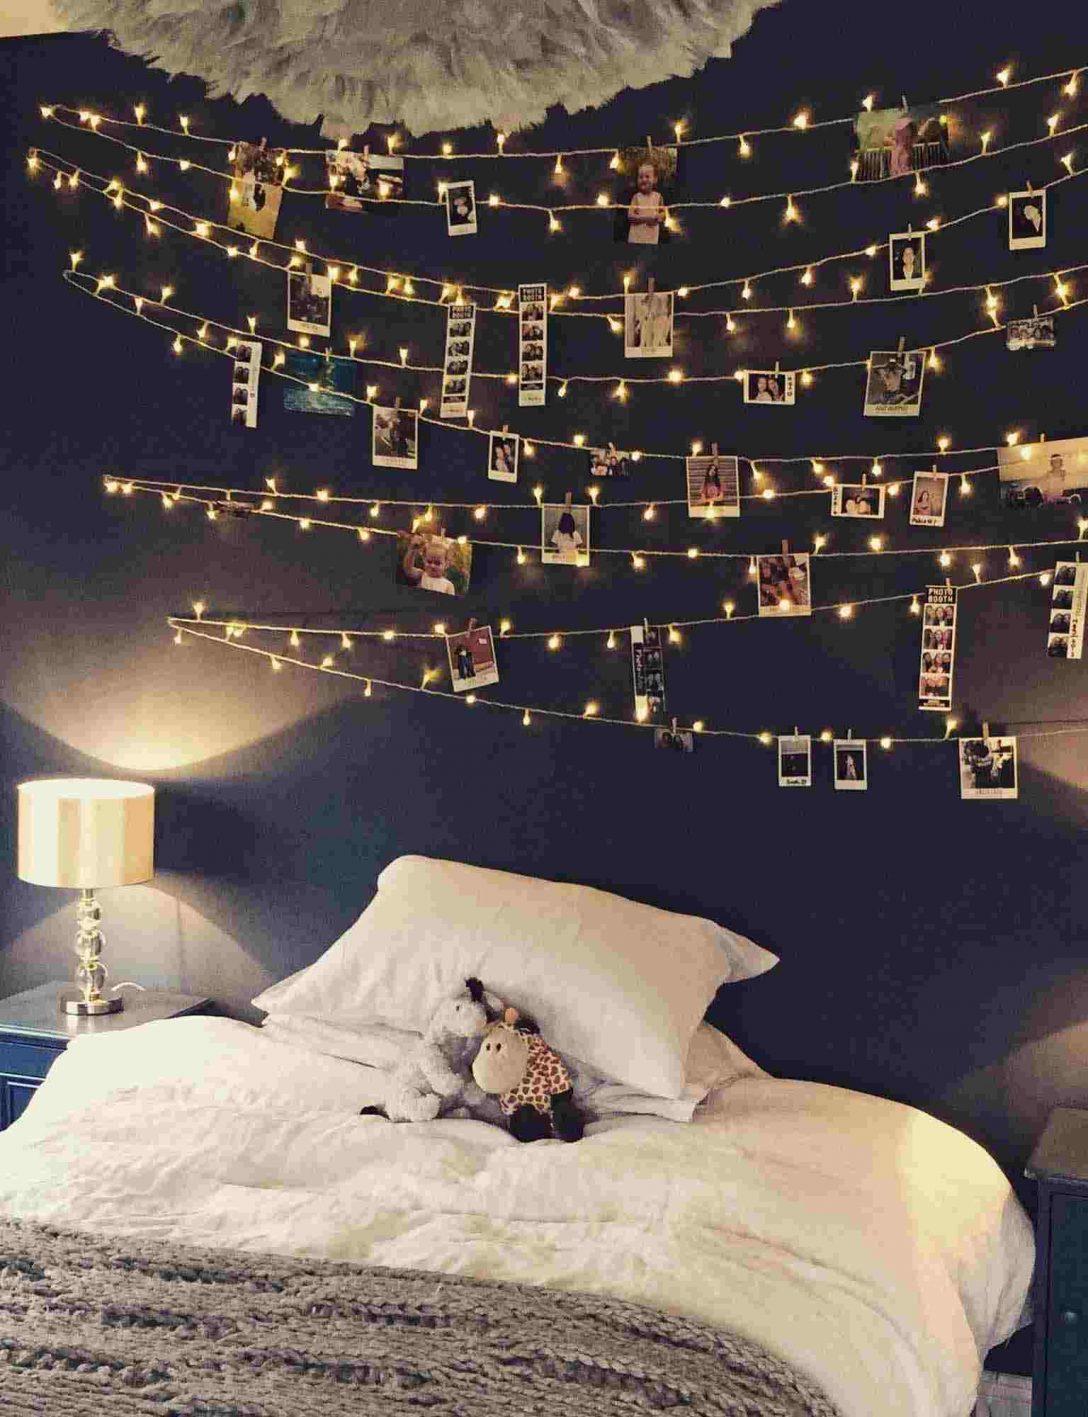 Large Size of Schlafzimmer Dekorieren Tumblr Zimmer Inspiration 50 Tolle Deko Ideen Fr Vorhänge Schranksysteme Set Weiß Led Deckenleuchte Deckenleuchten Tapeten Rauch Wohnzimmer Schlafzimmer Dekorieren